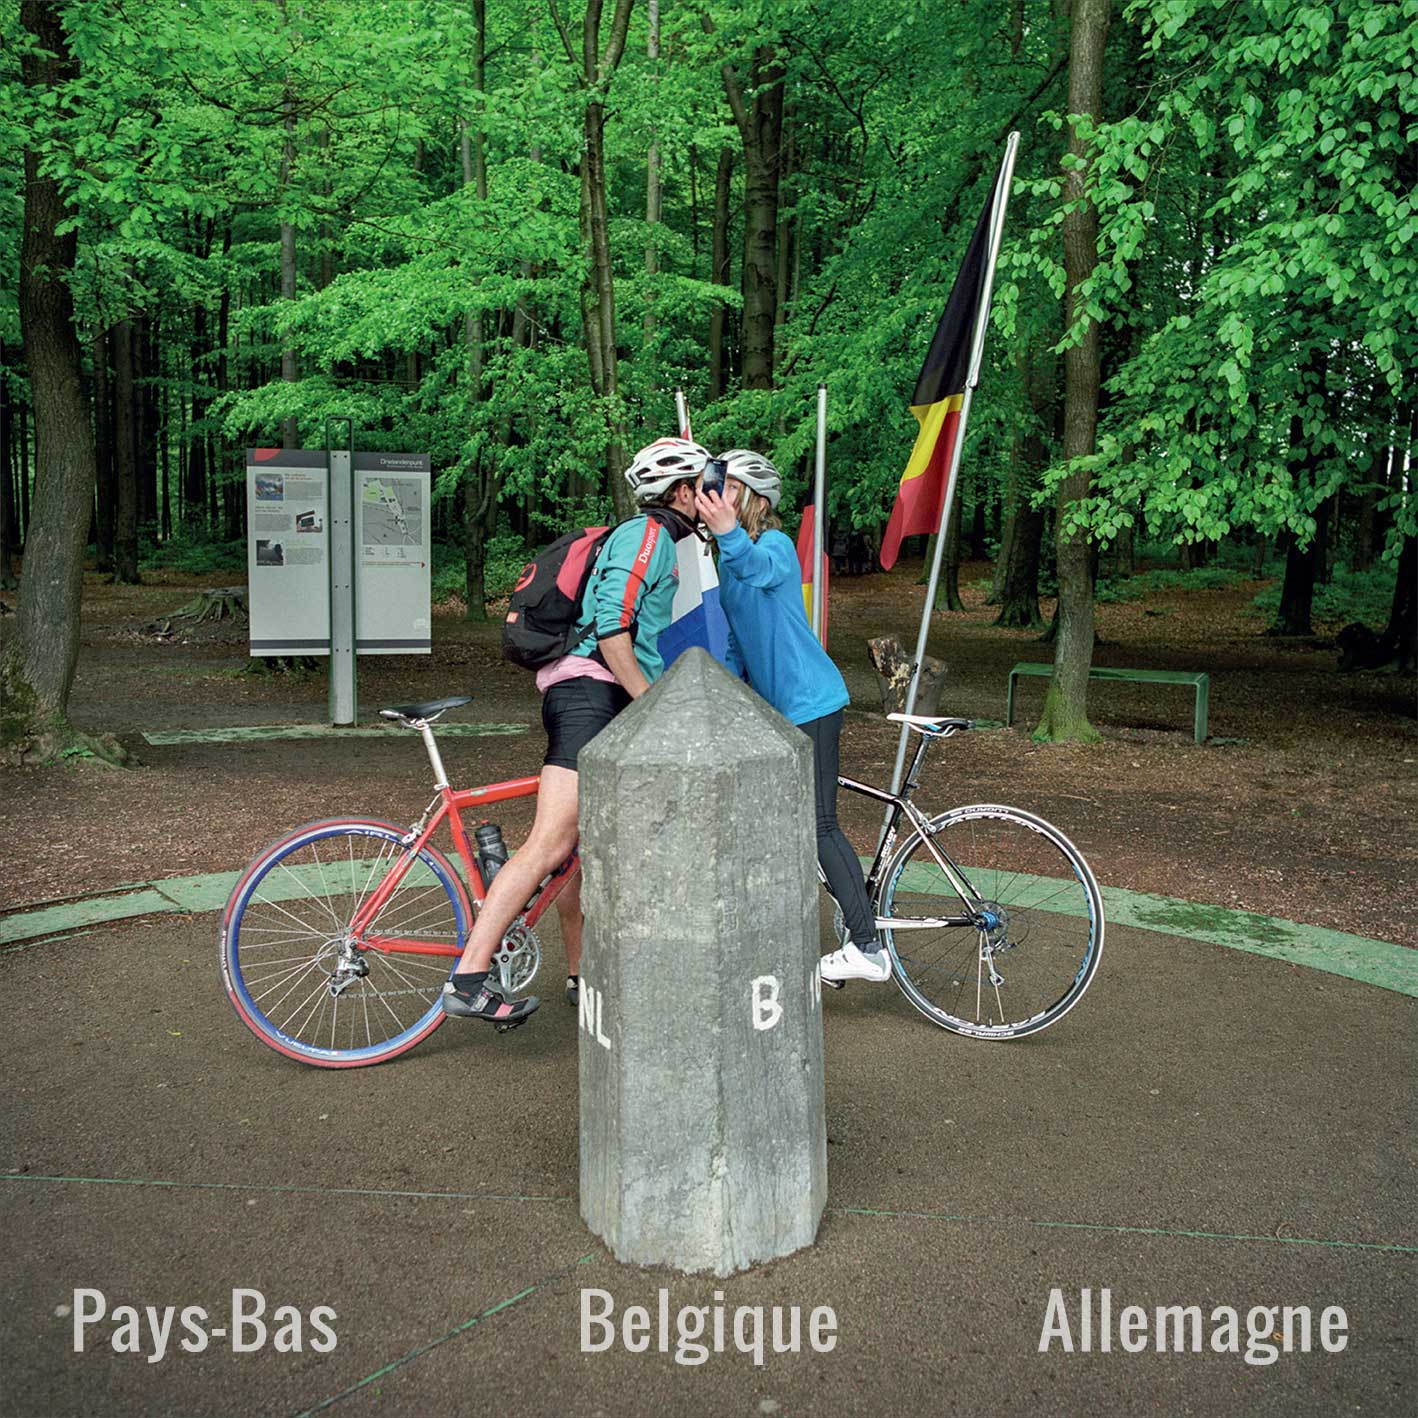 Pays-Bas / Belgique / Allemagne